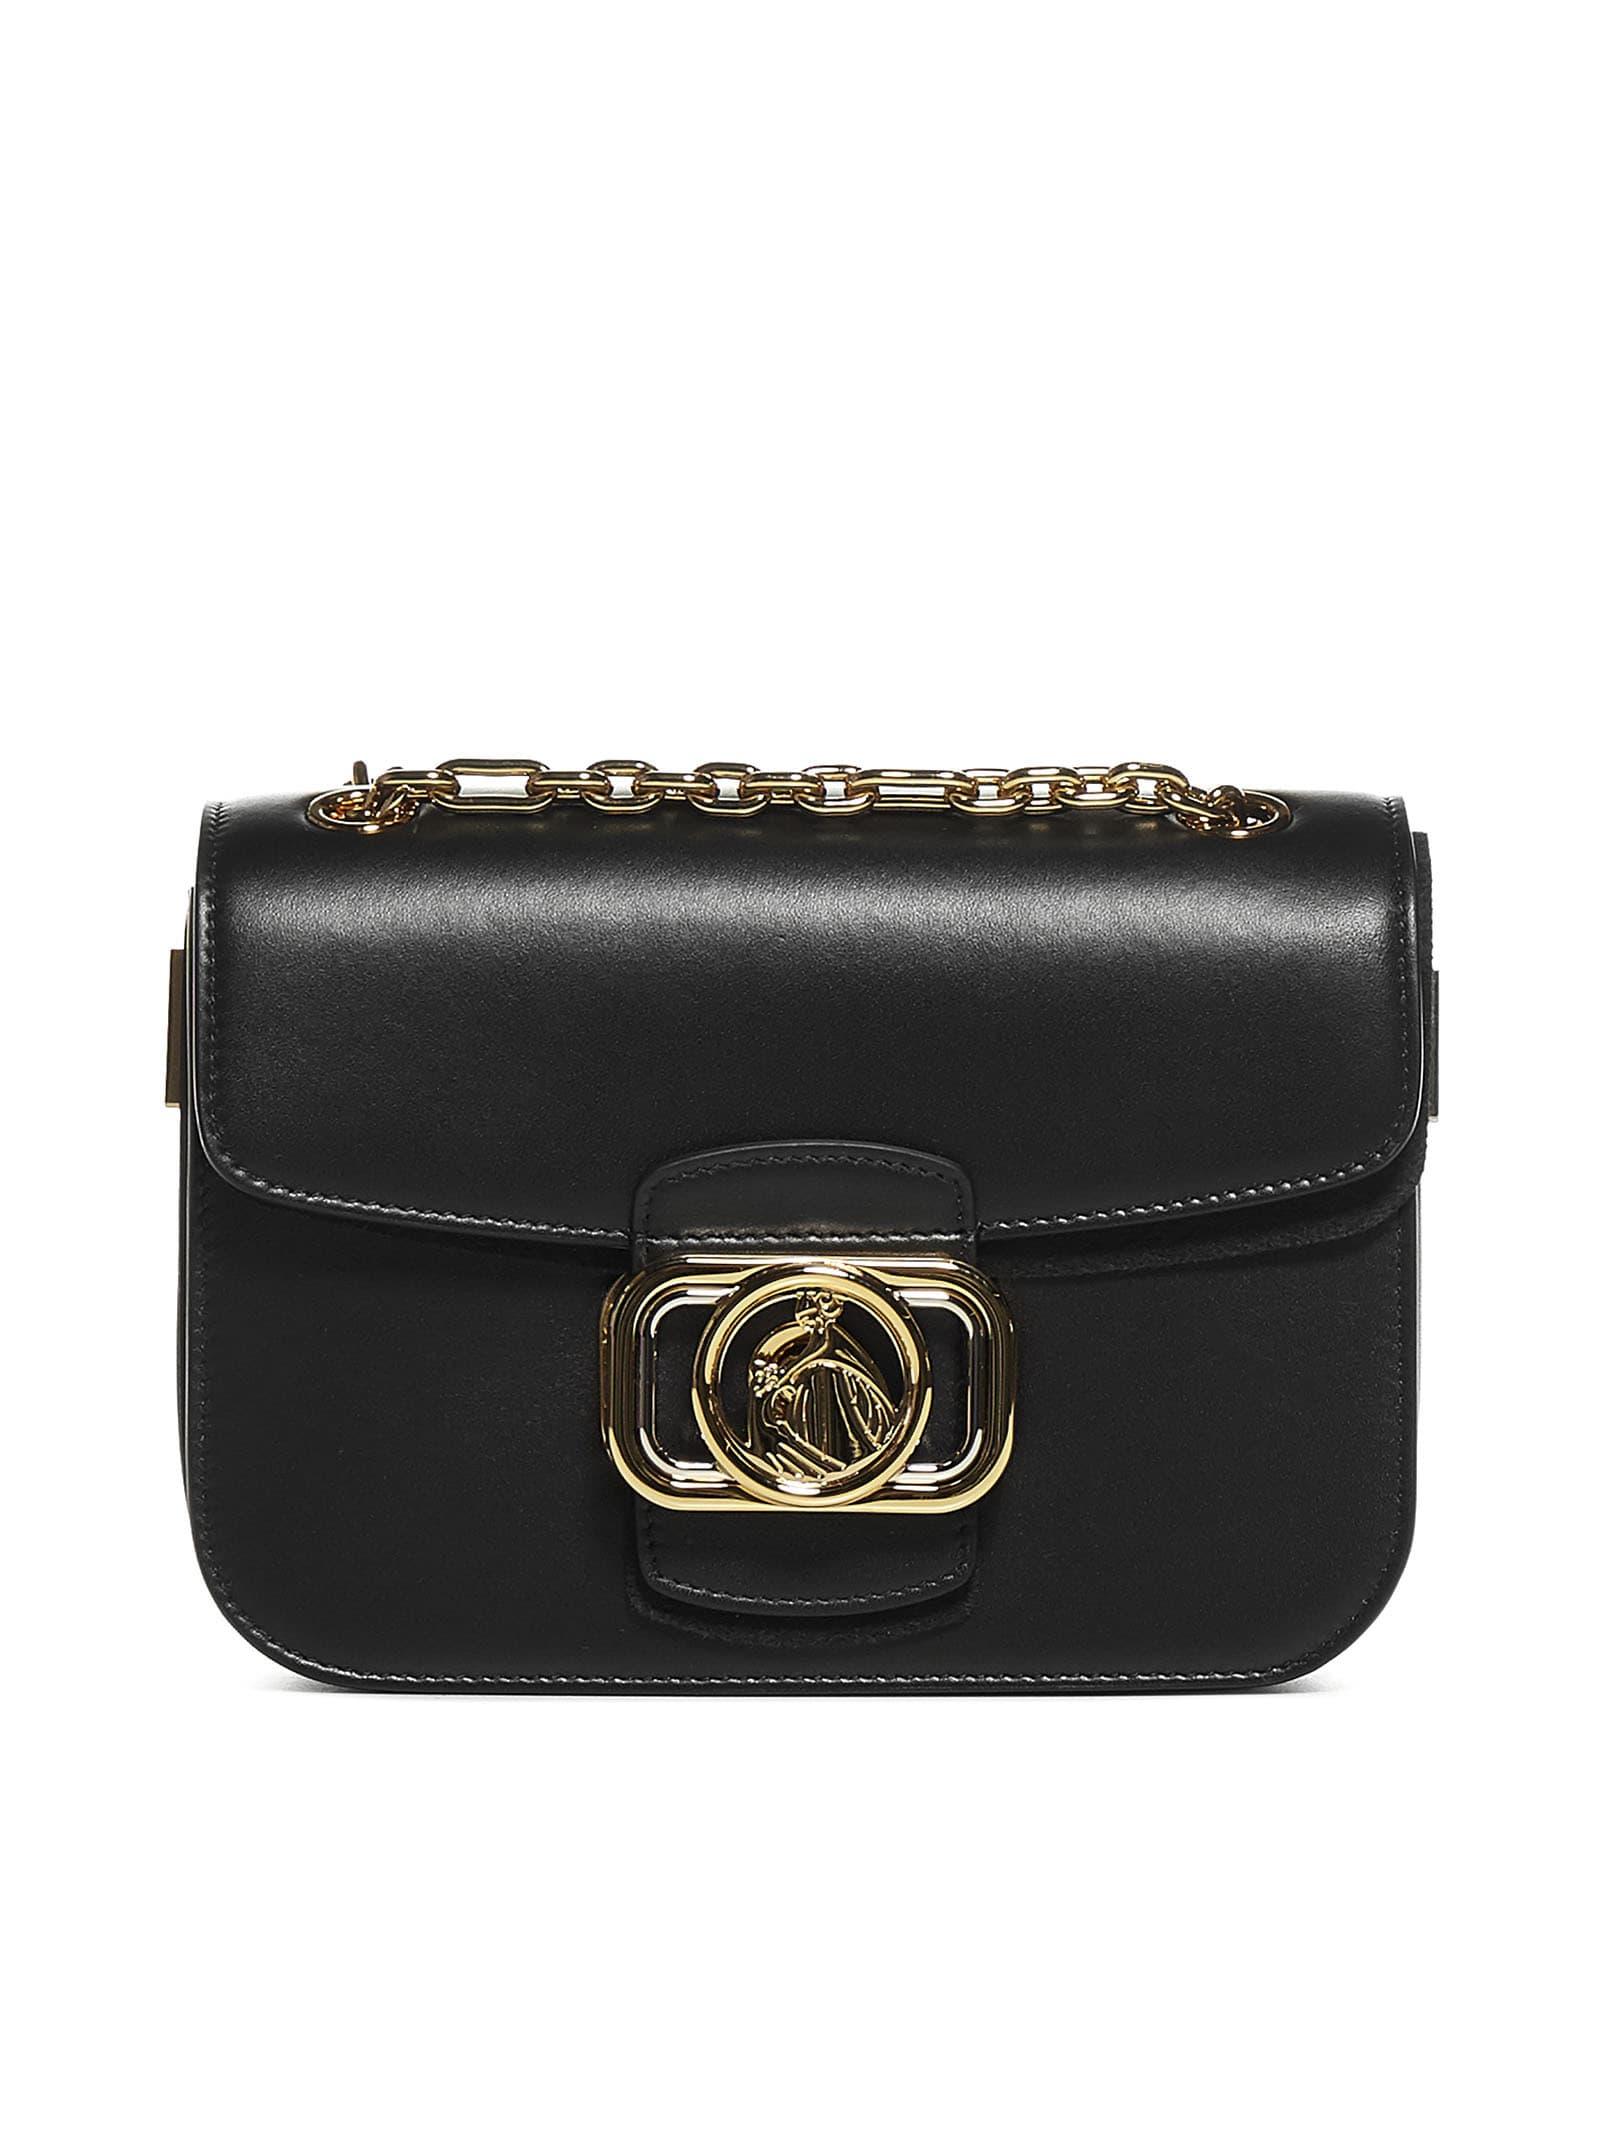 Lanvin Leathers SHOULDER BAG